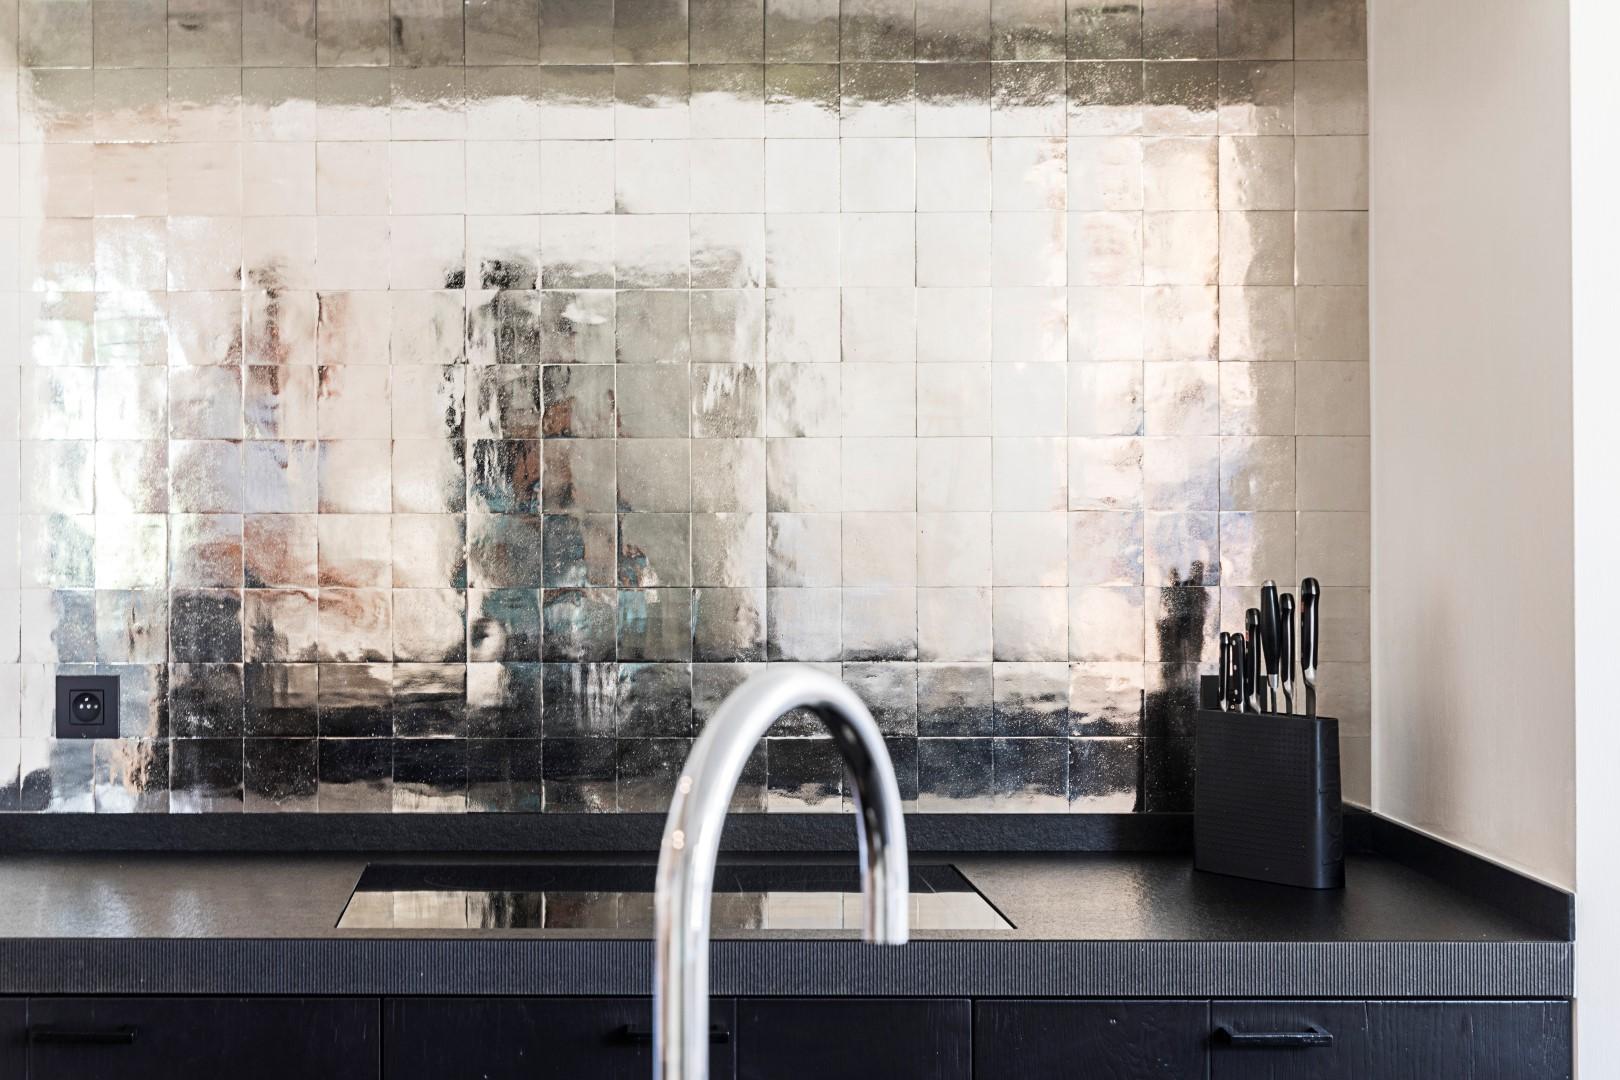 Keuken tegels metalen tegels via Dauby #tegels #keuken #keukeninspiratie